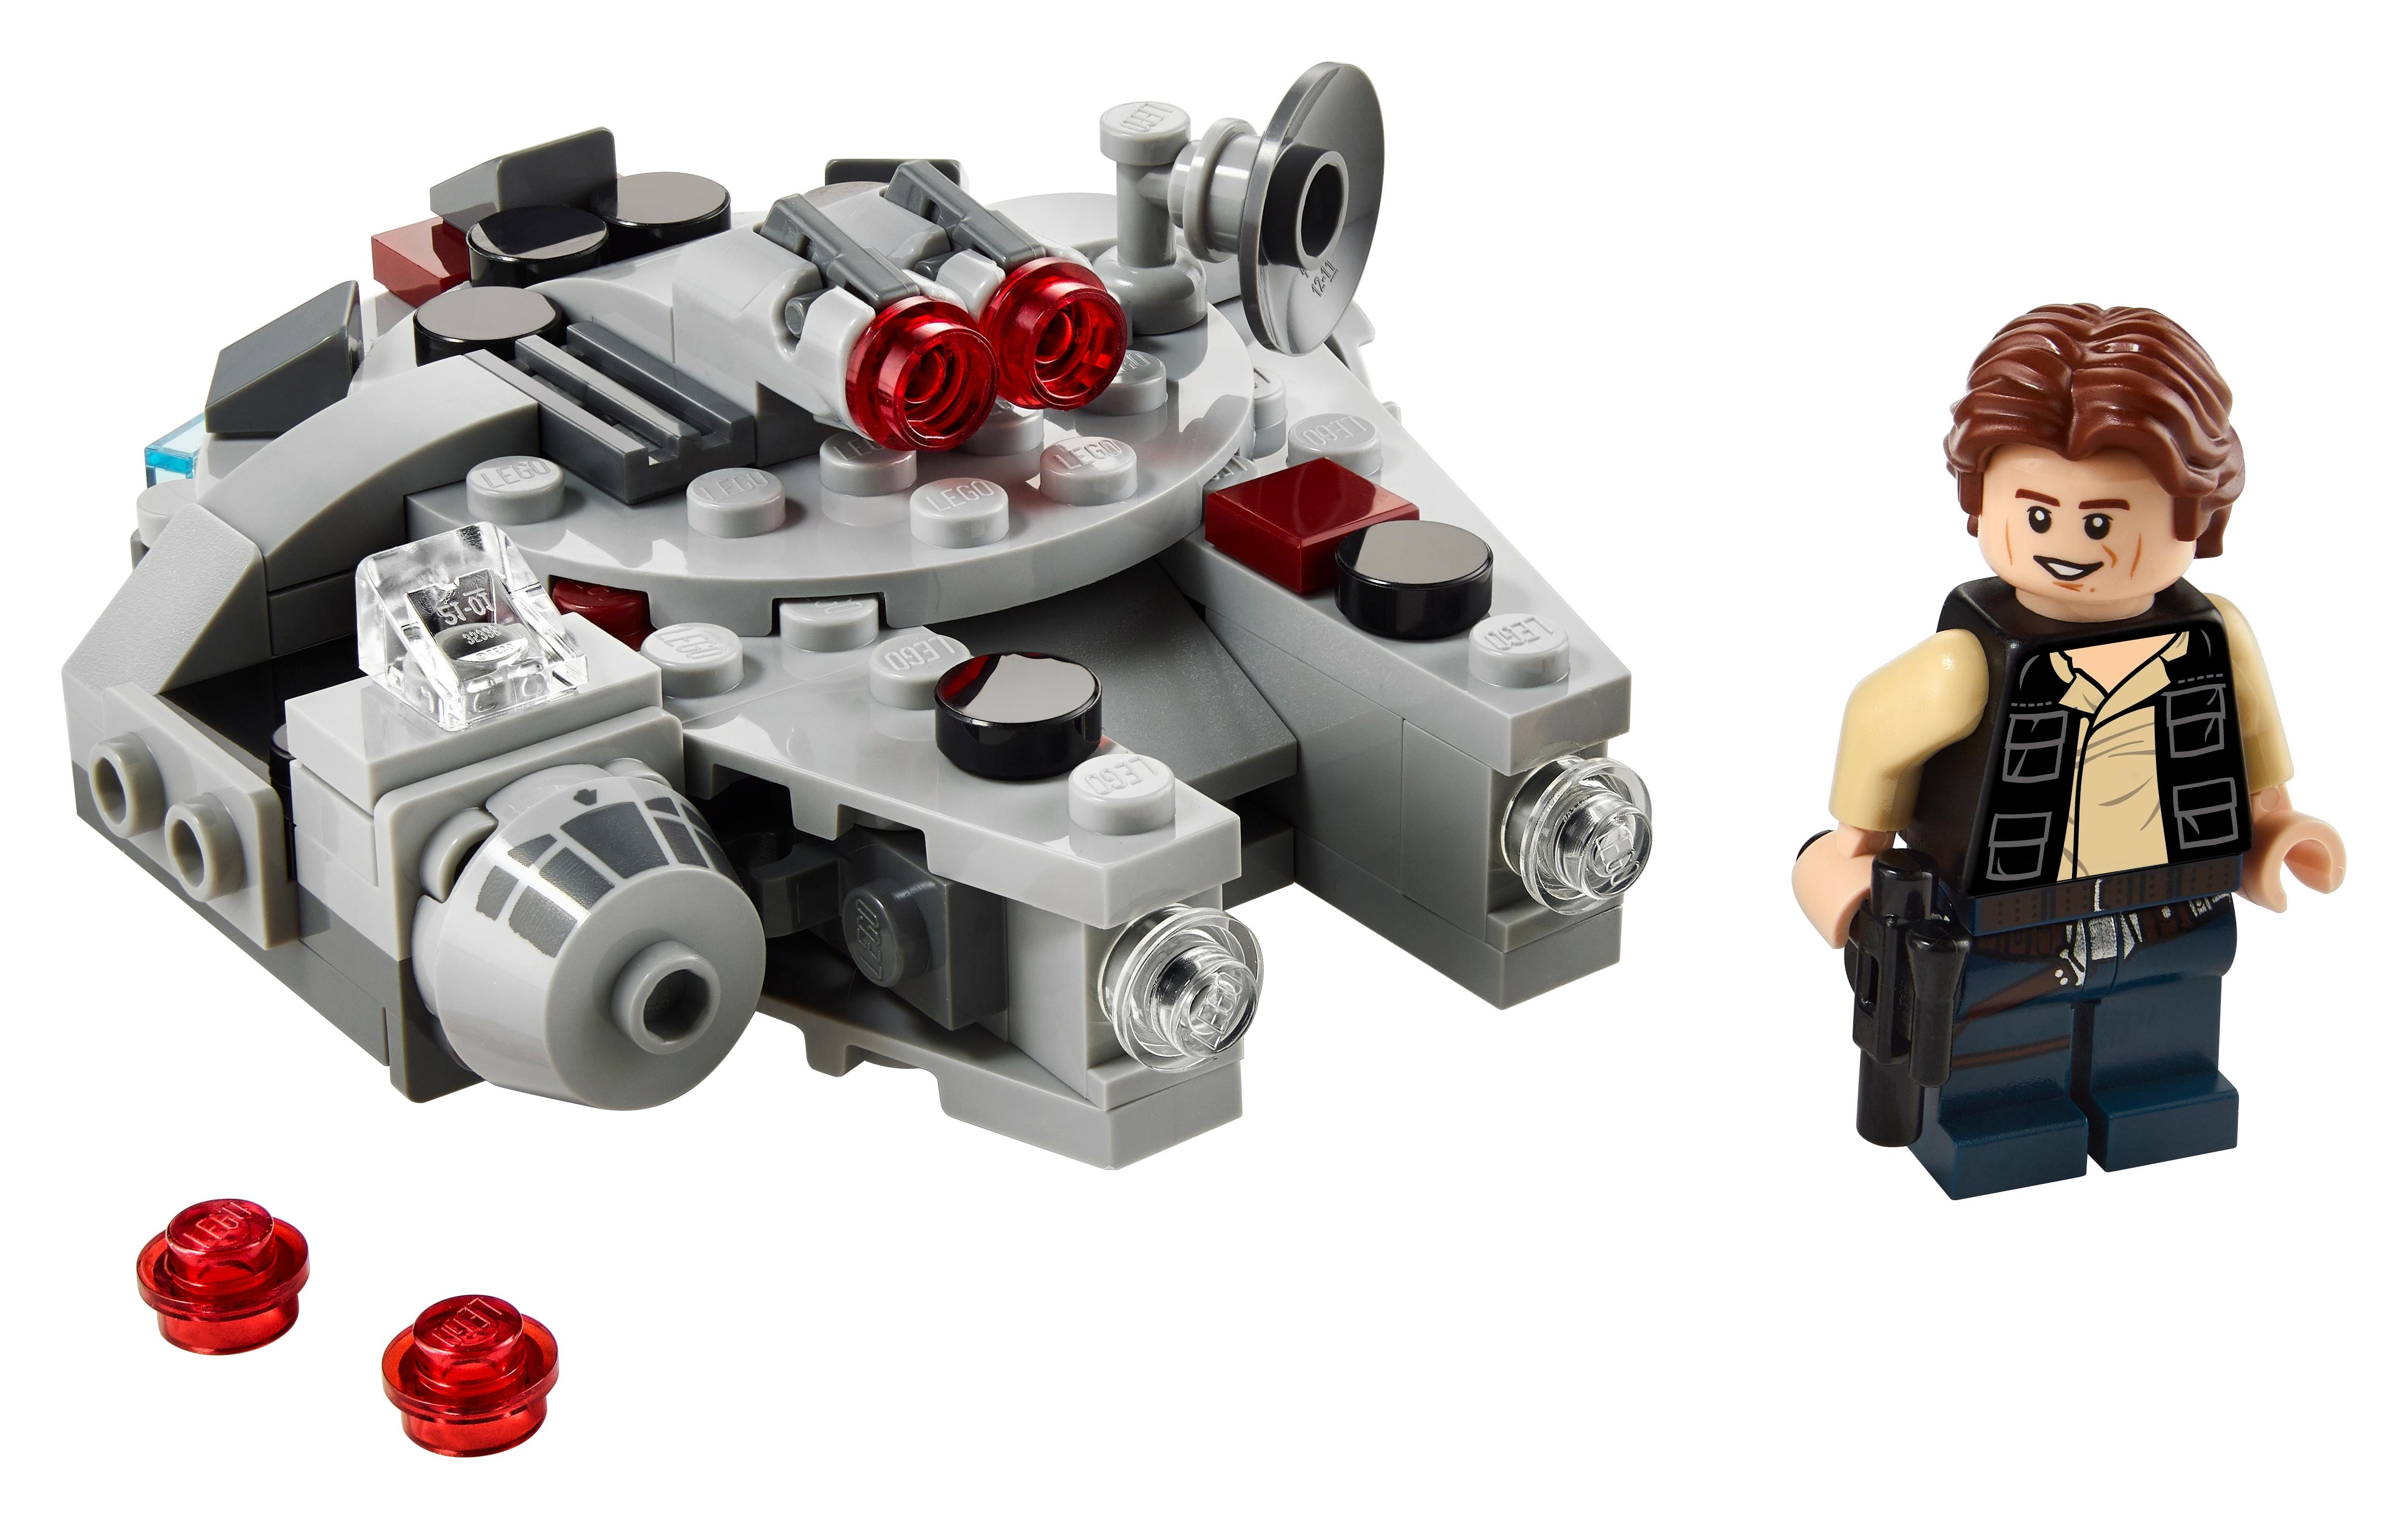 LEGO StarWars 75295 Millennium Falcon Microfighter